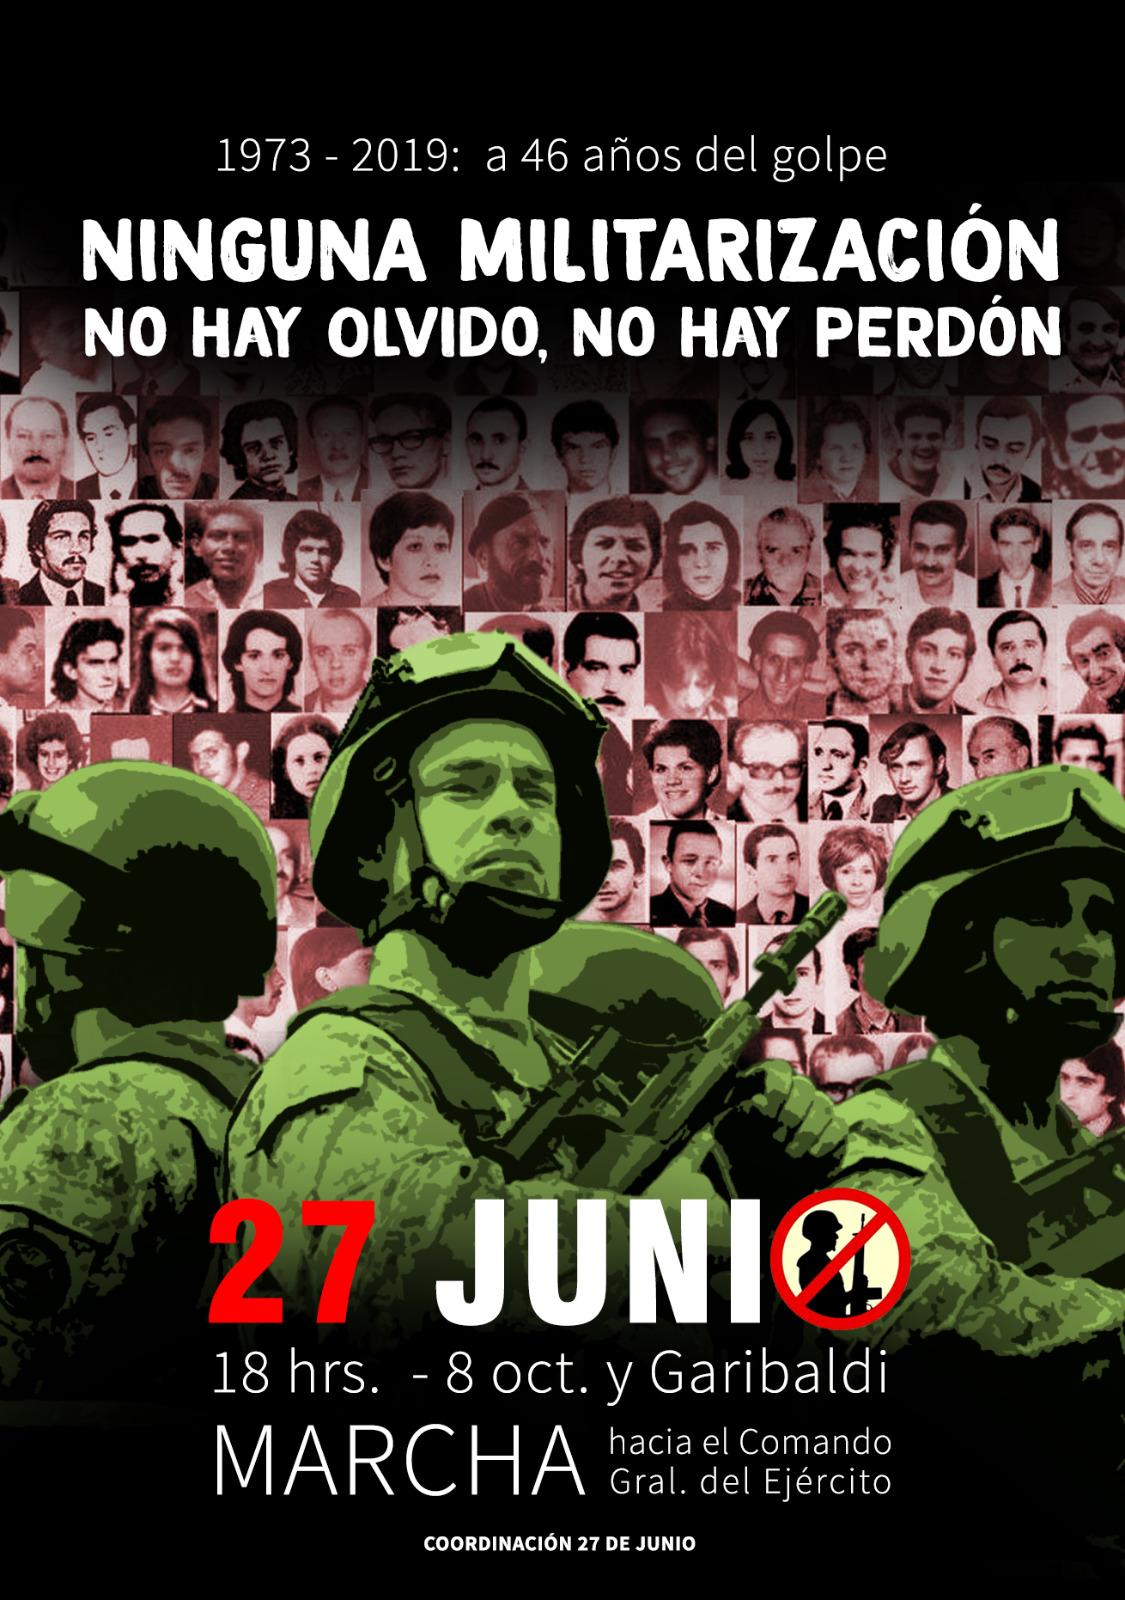 Actividades en torno al 27 de junio: a 46 años de la huelga general ante el golpe